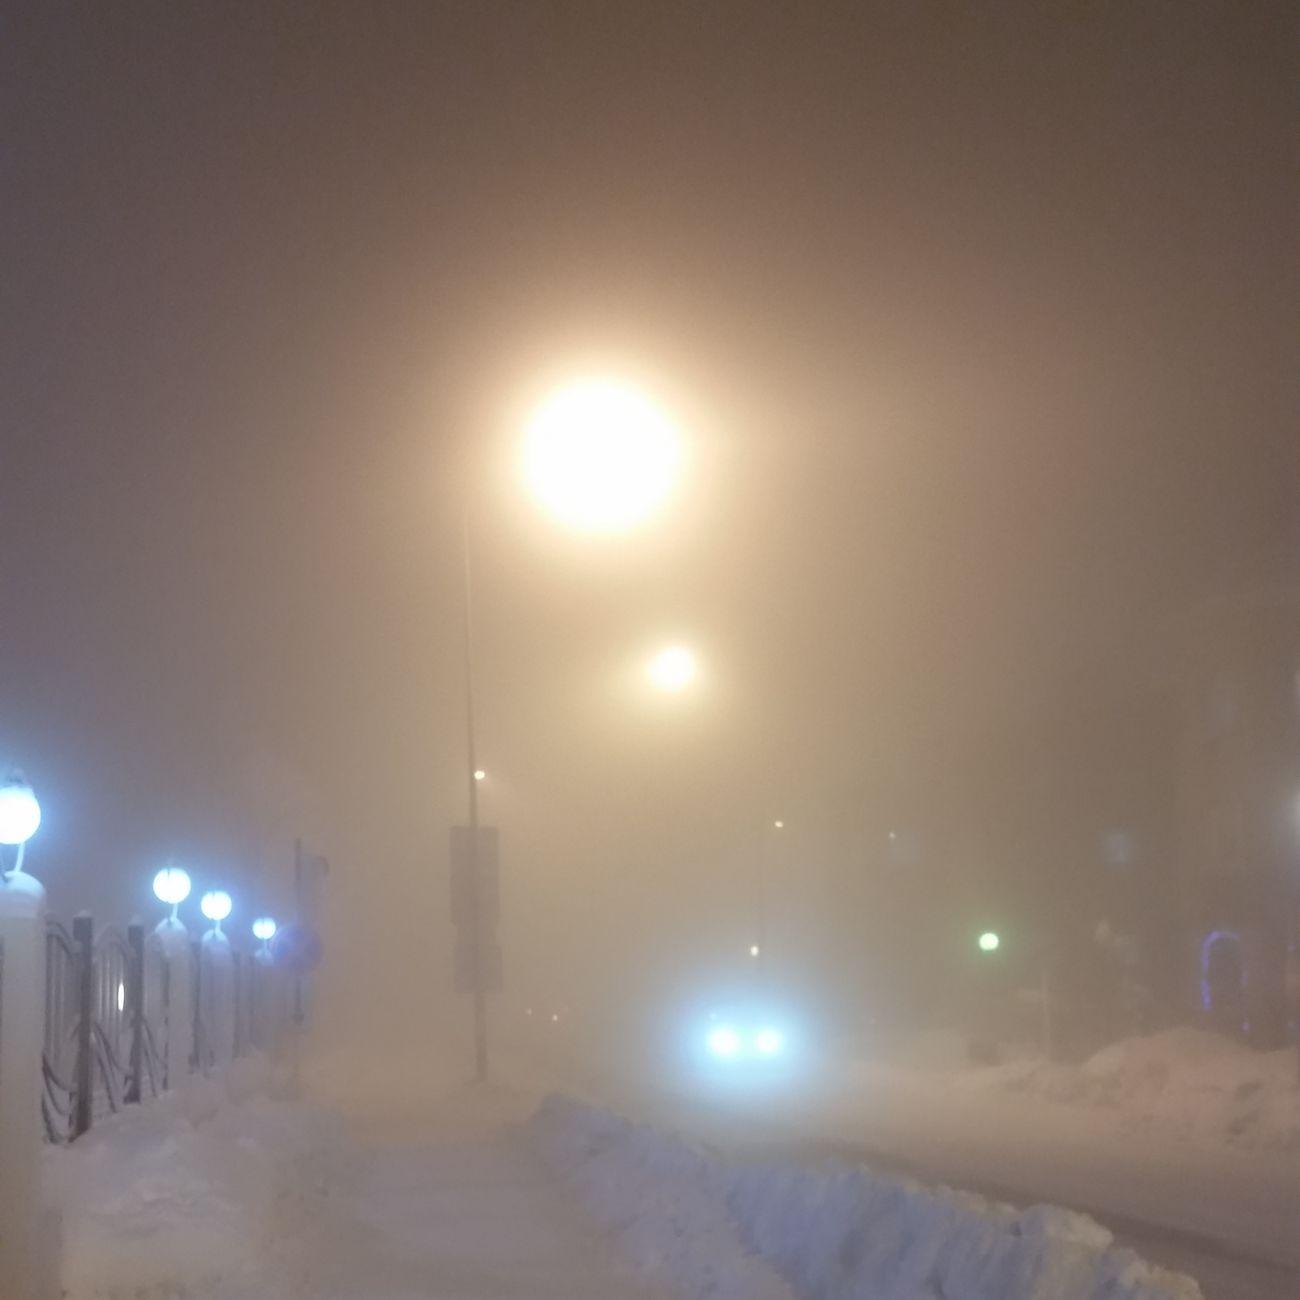 Почему же так холодно мне ( Smoke мороз туман